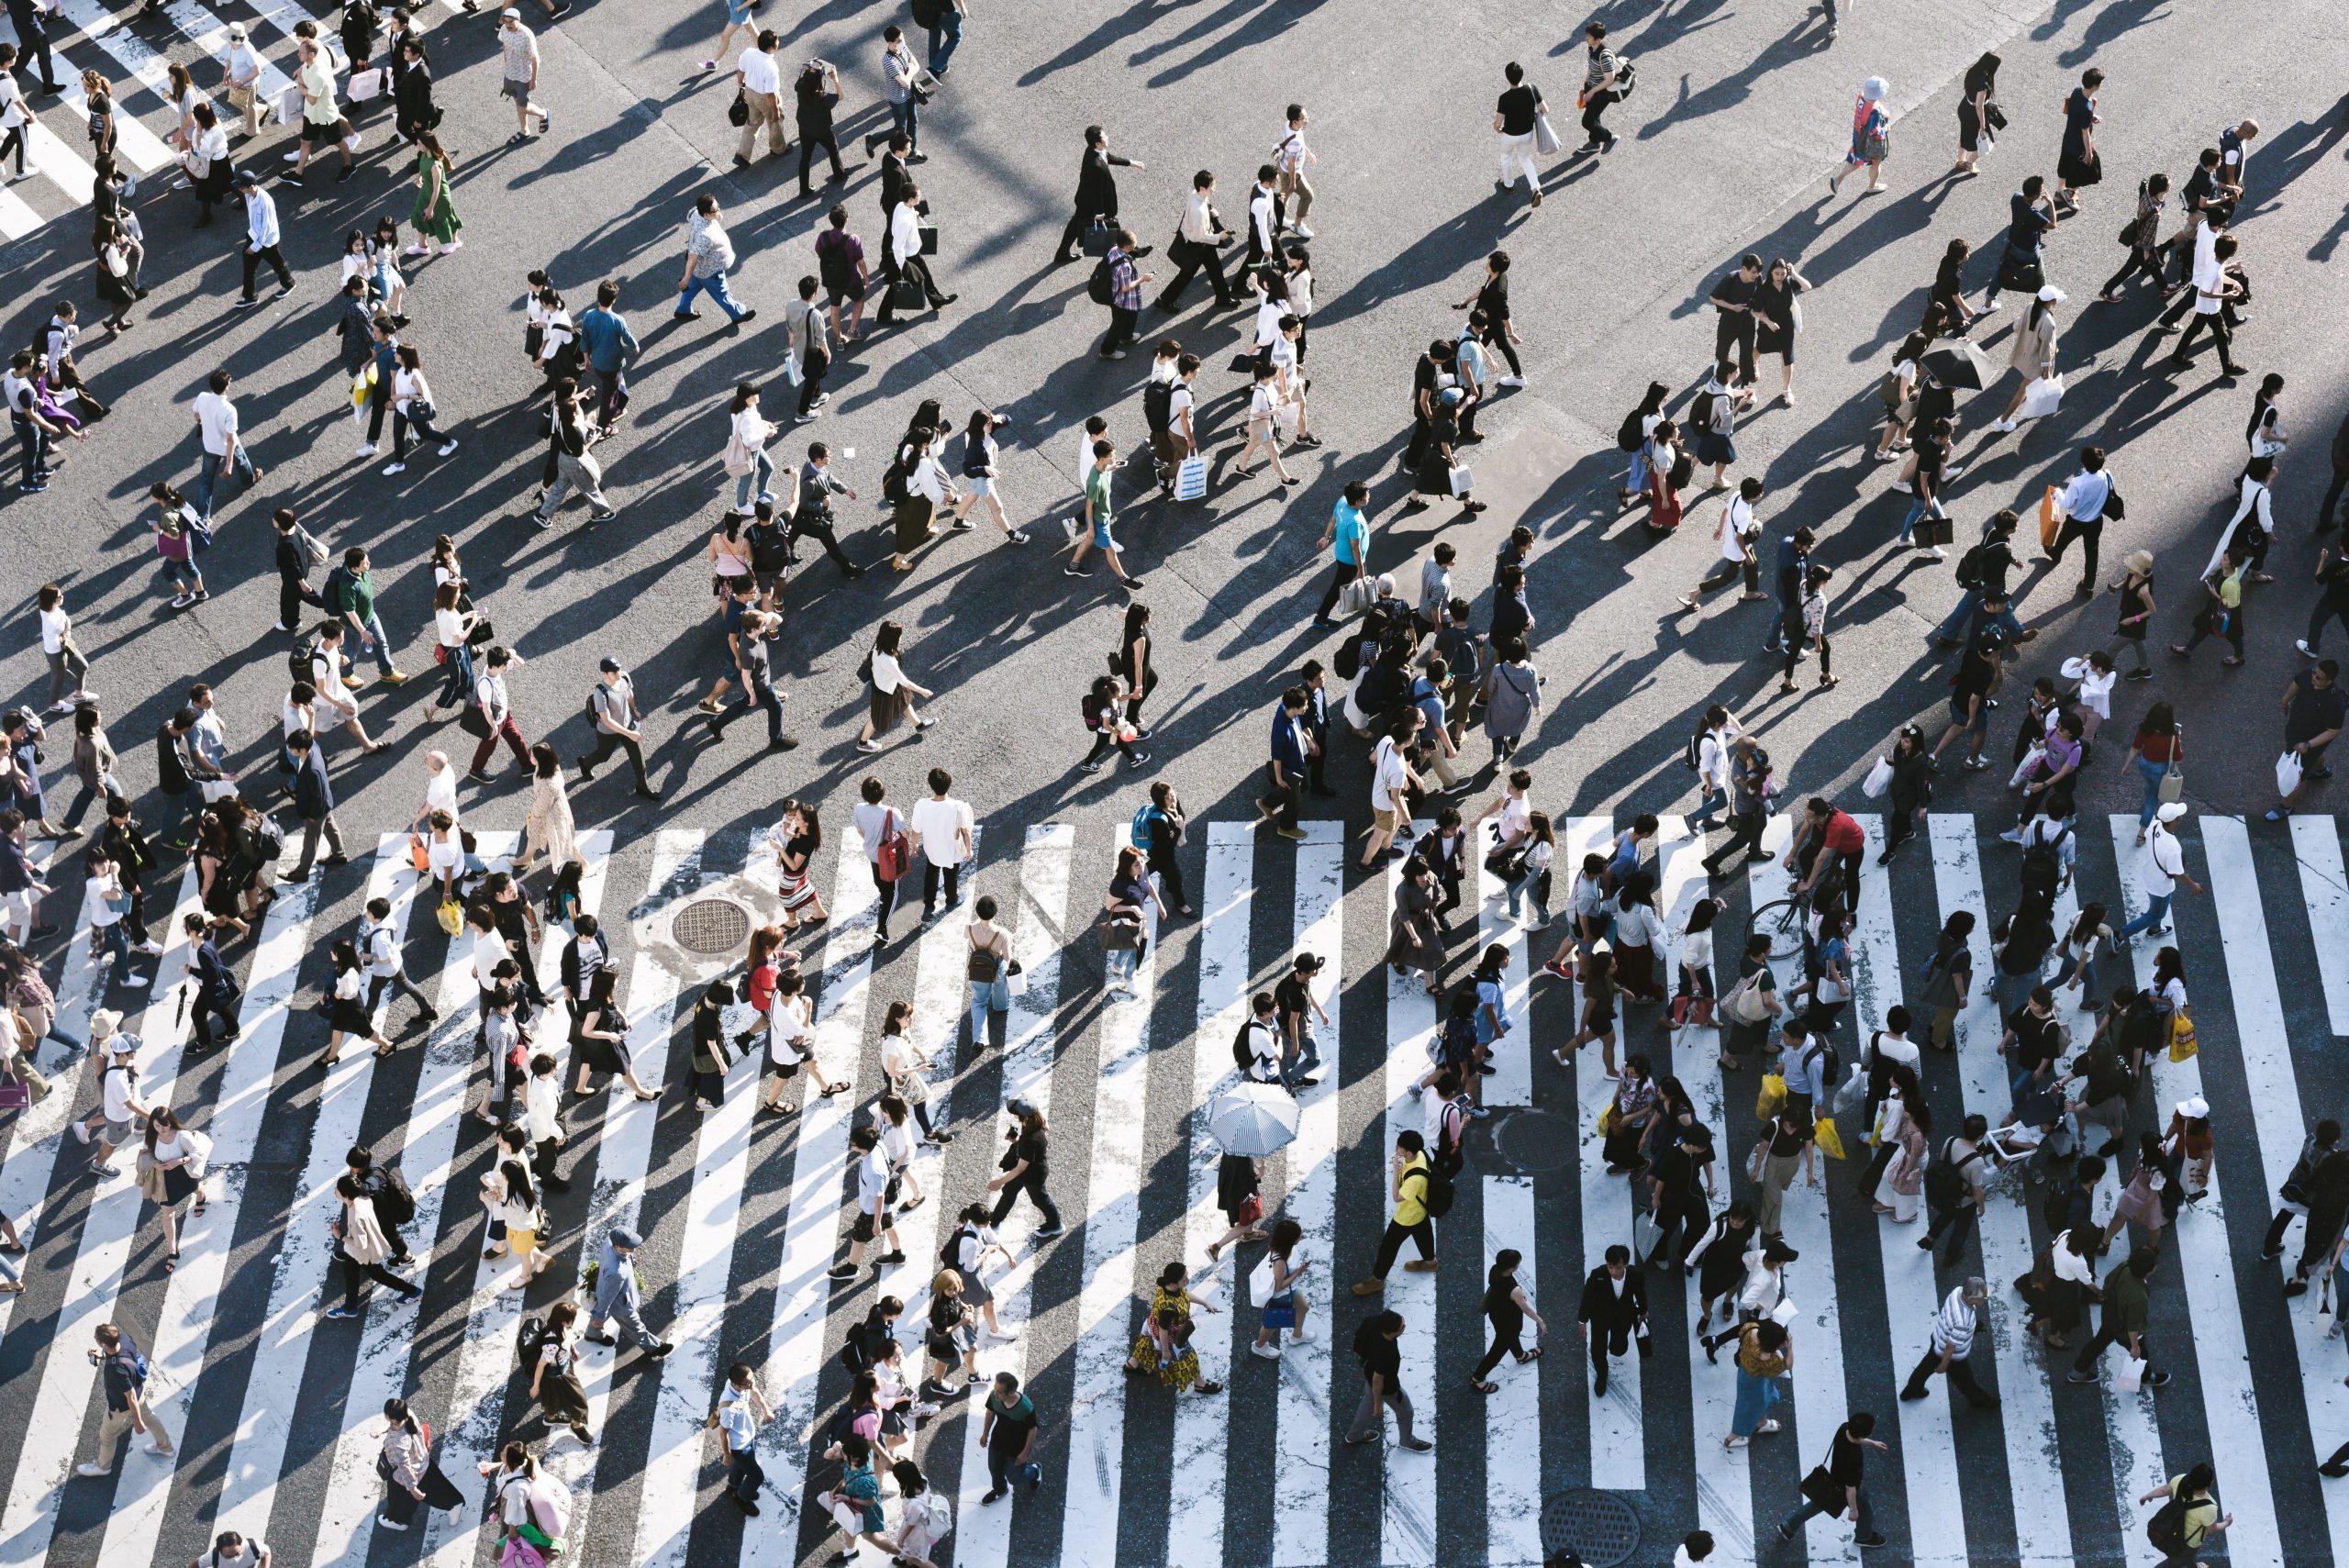 menneske, mængde Foto: Unsplash)